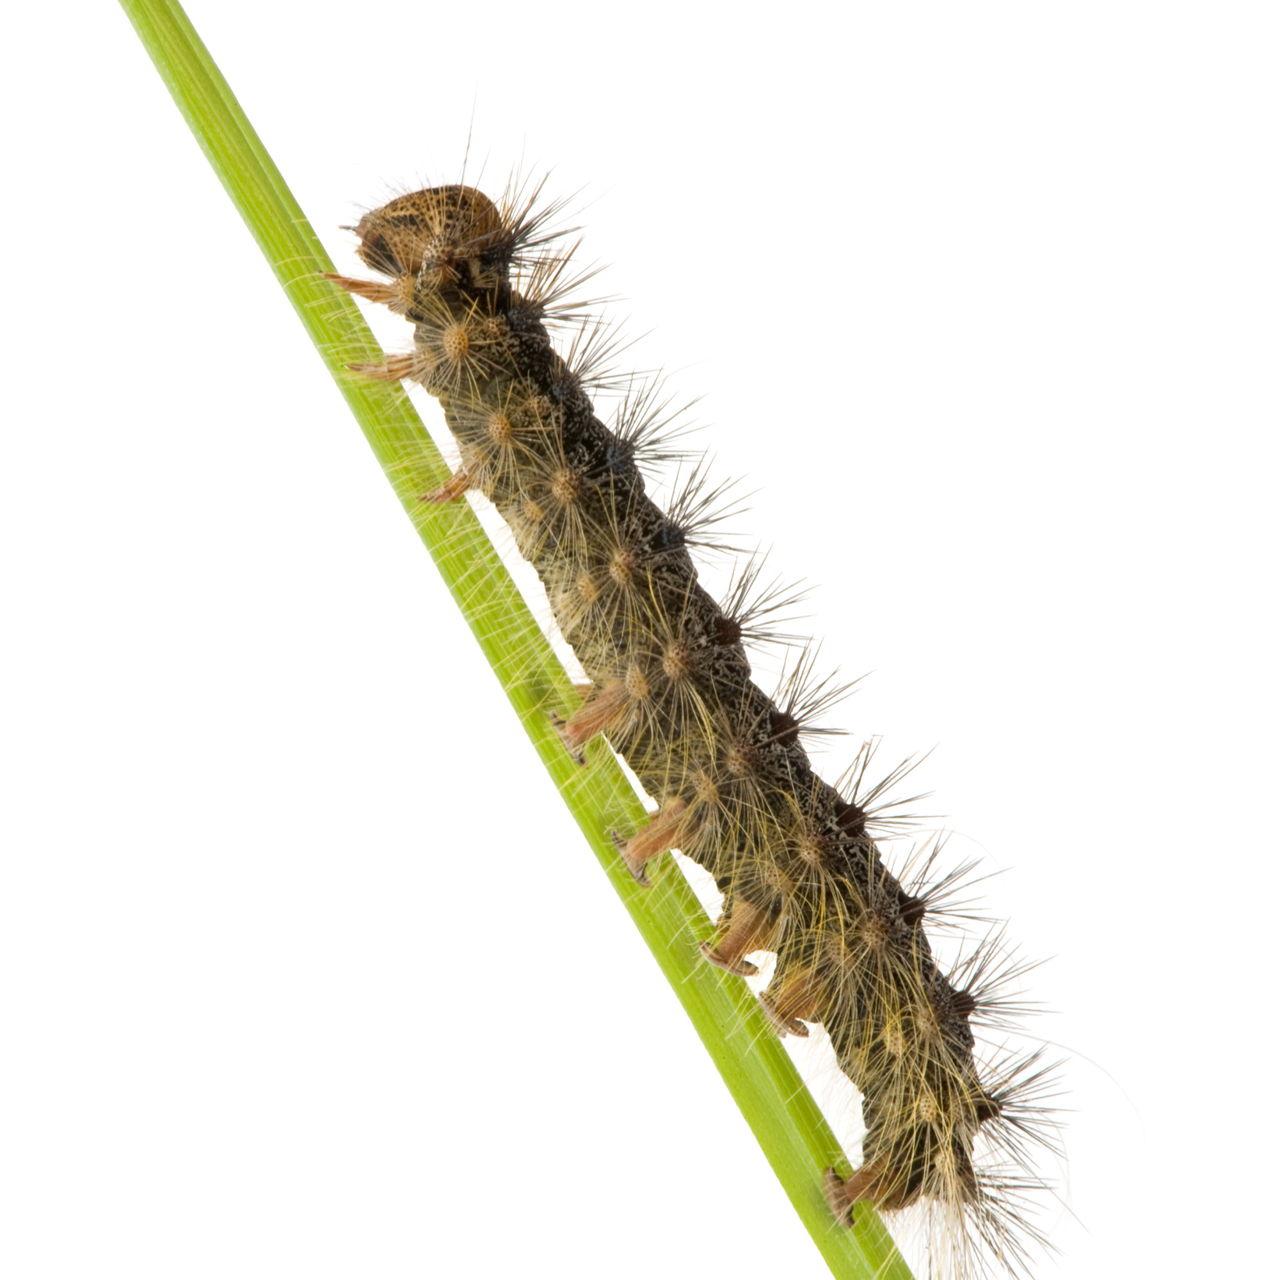 Moth Caterpillar Identification Chart: A Beginner's Guide To Caterpillar Identification